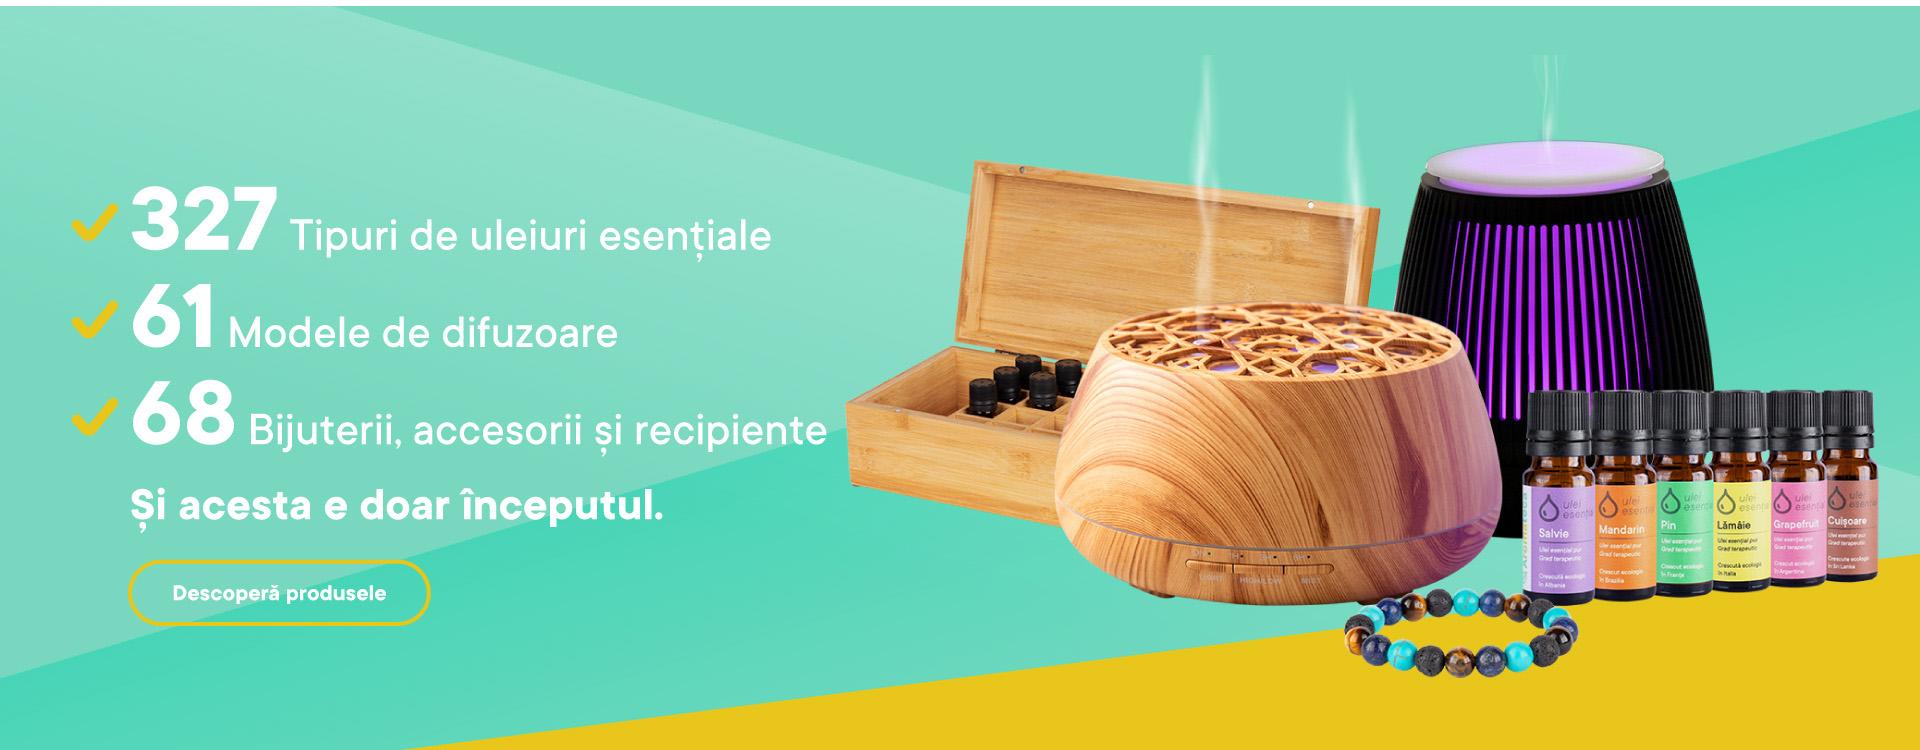 Cea mai variata gama de produse pentru aromaterapie